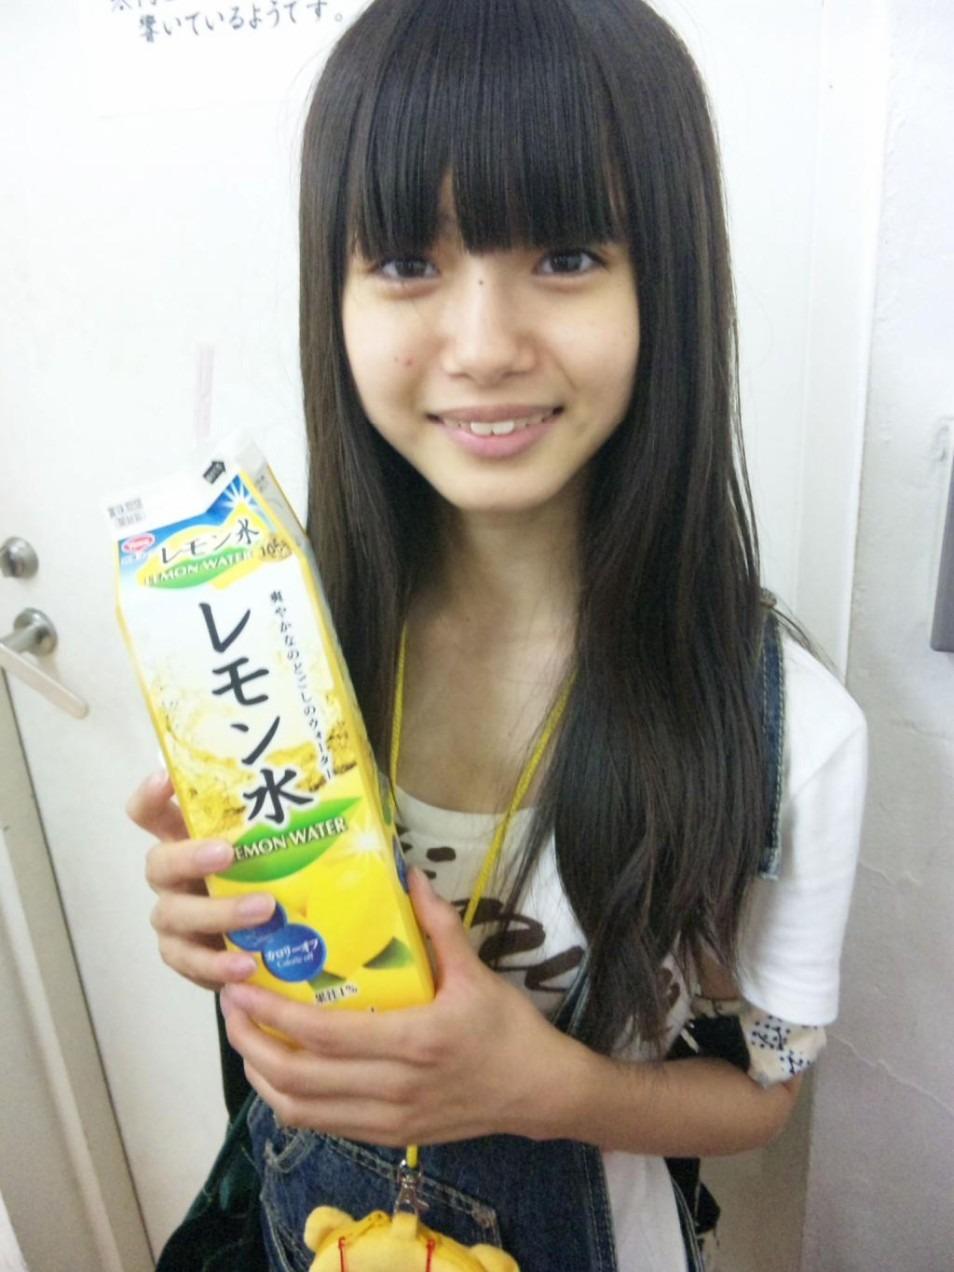 市川美織 AKB48[21185935]|完全無料画像検索のプリ画像 byGMO